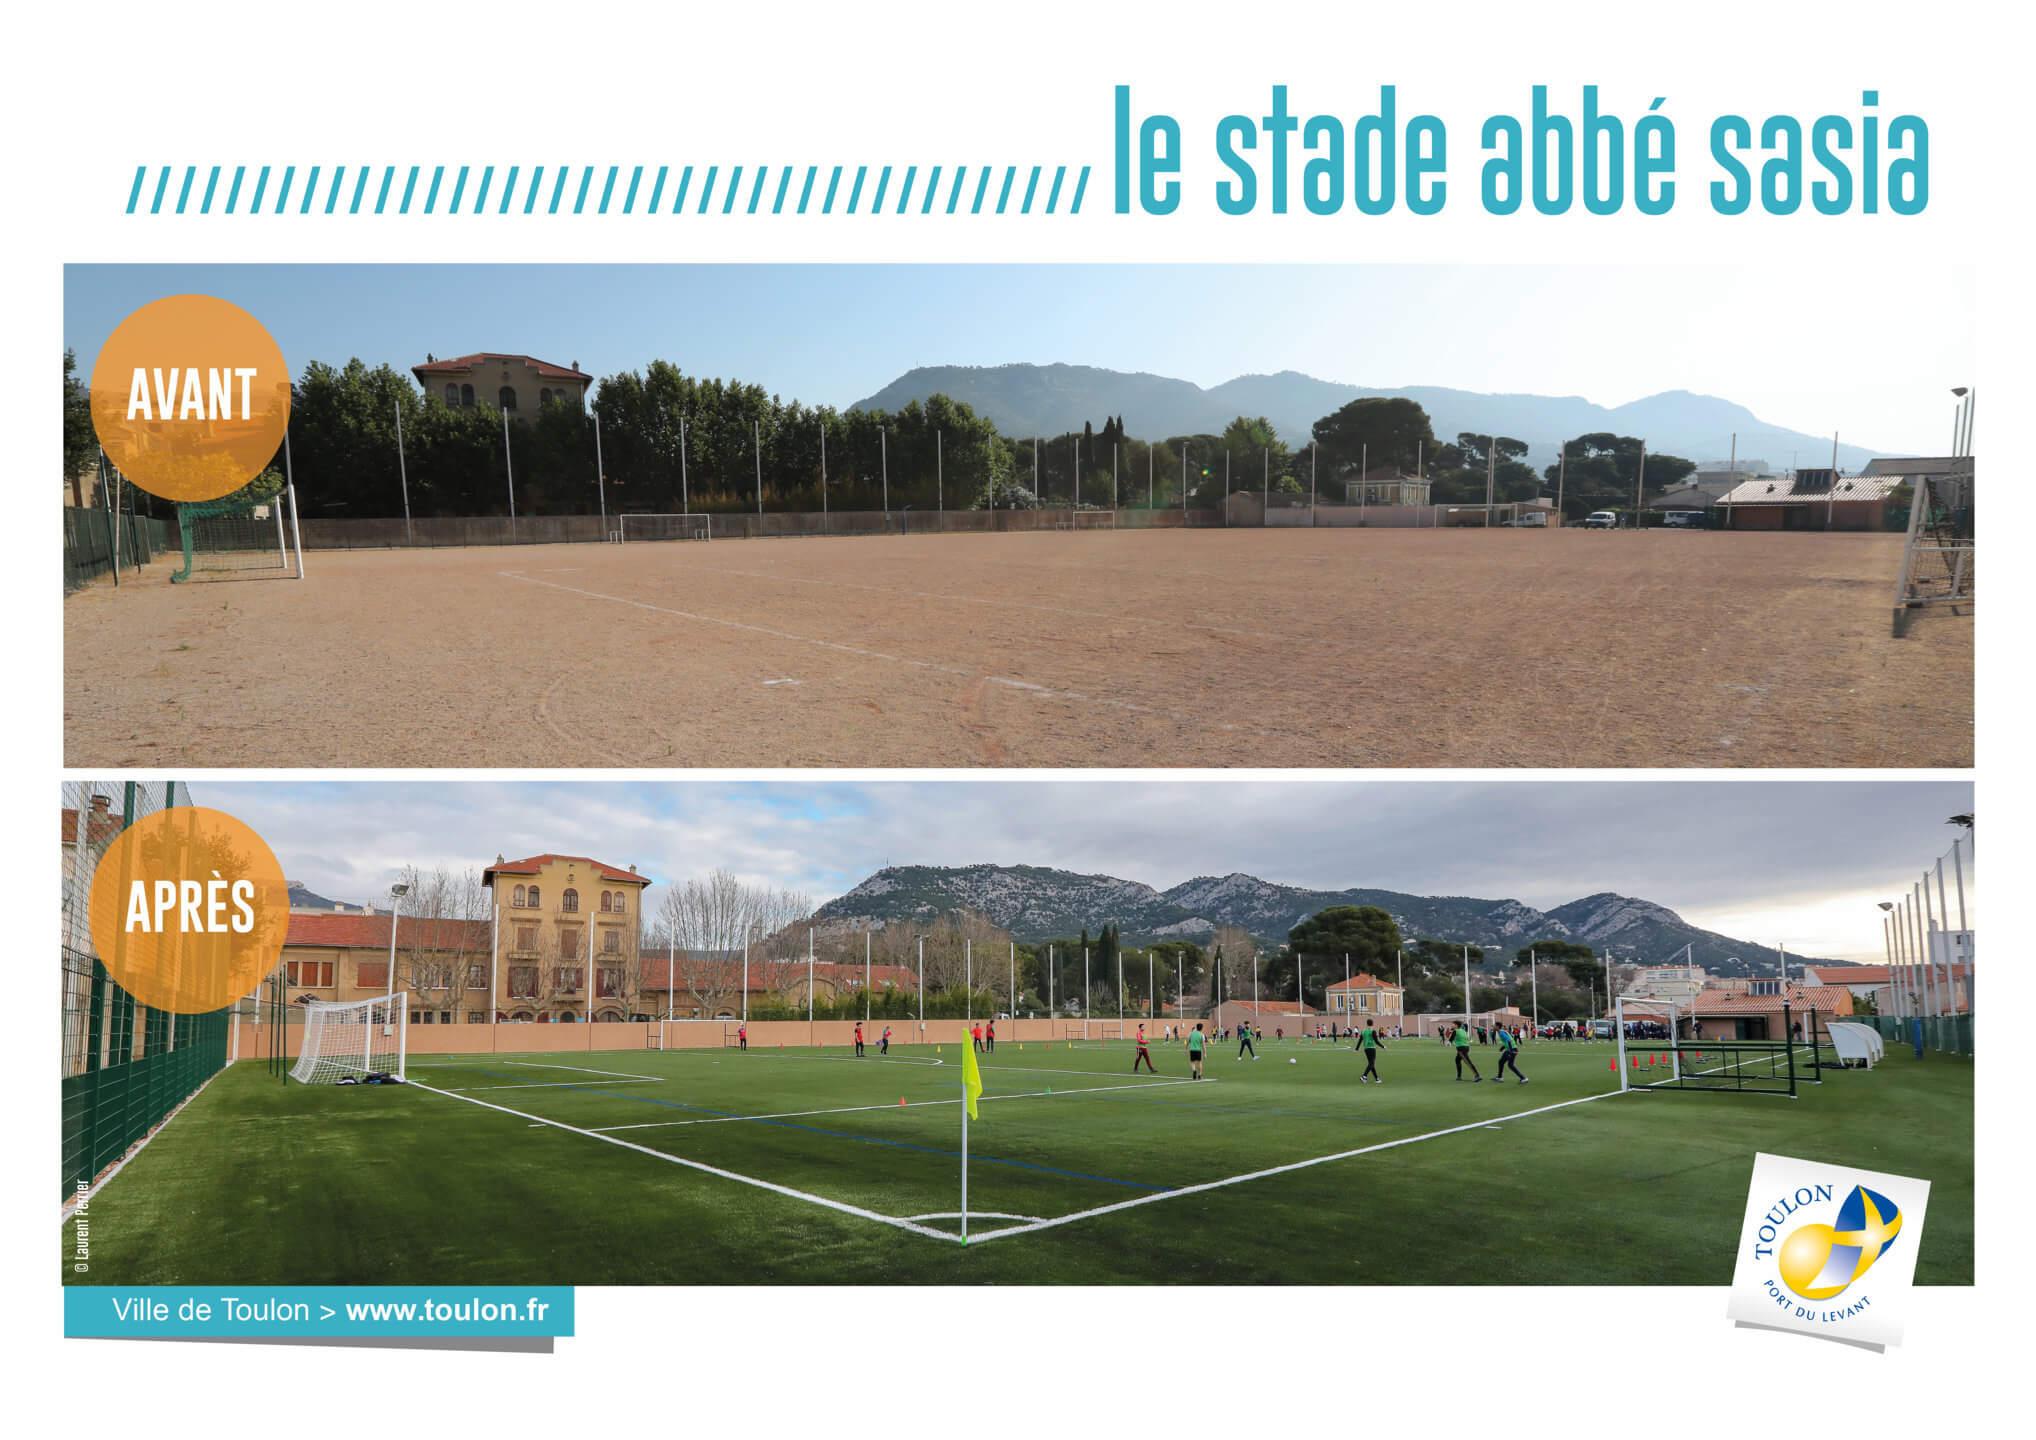 Le stade abbé sasia